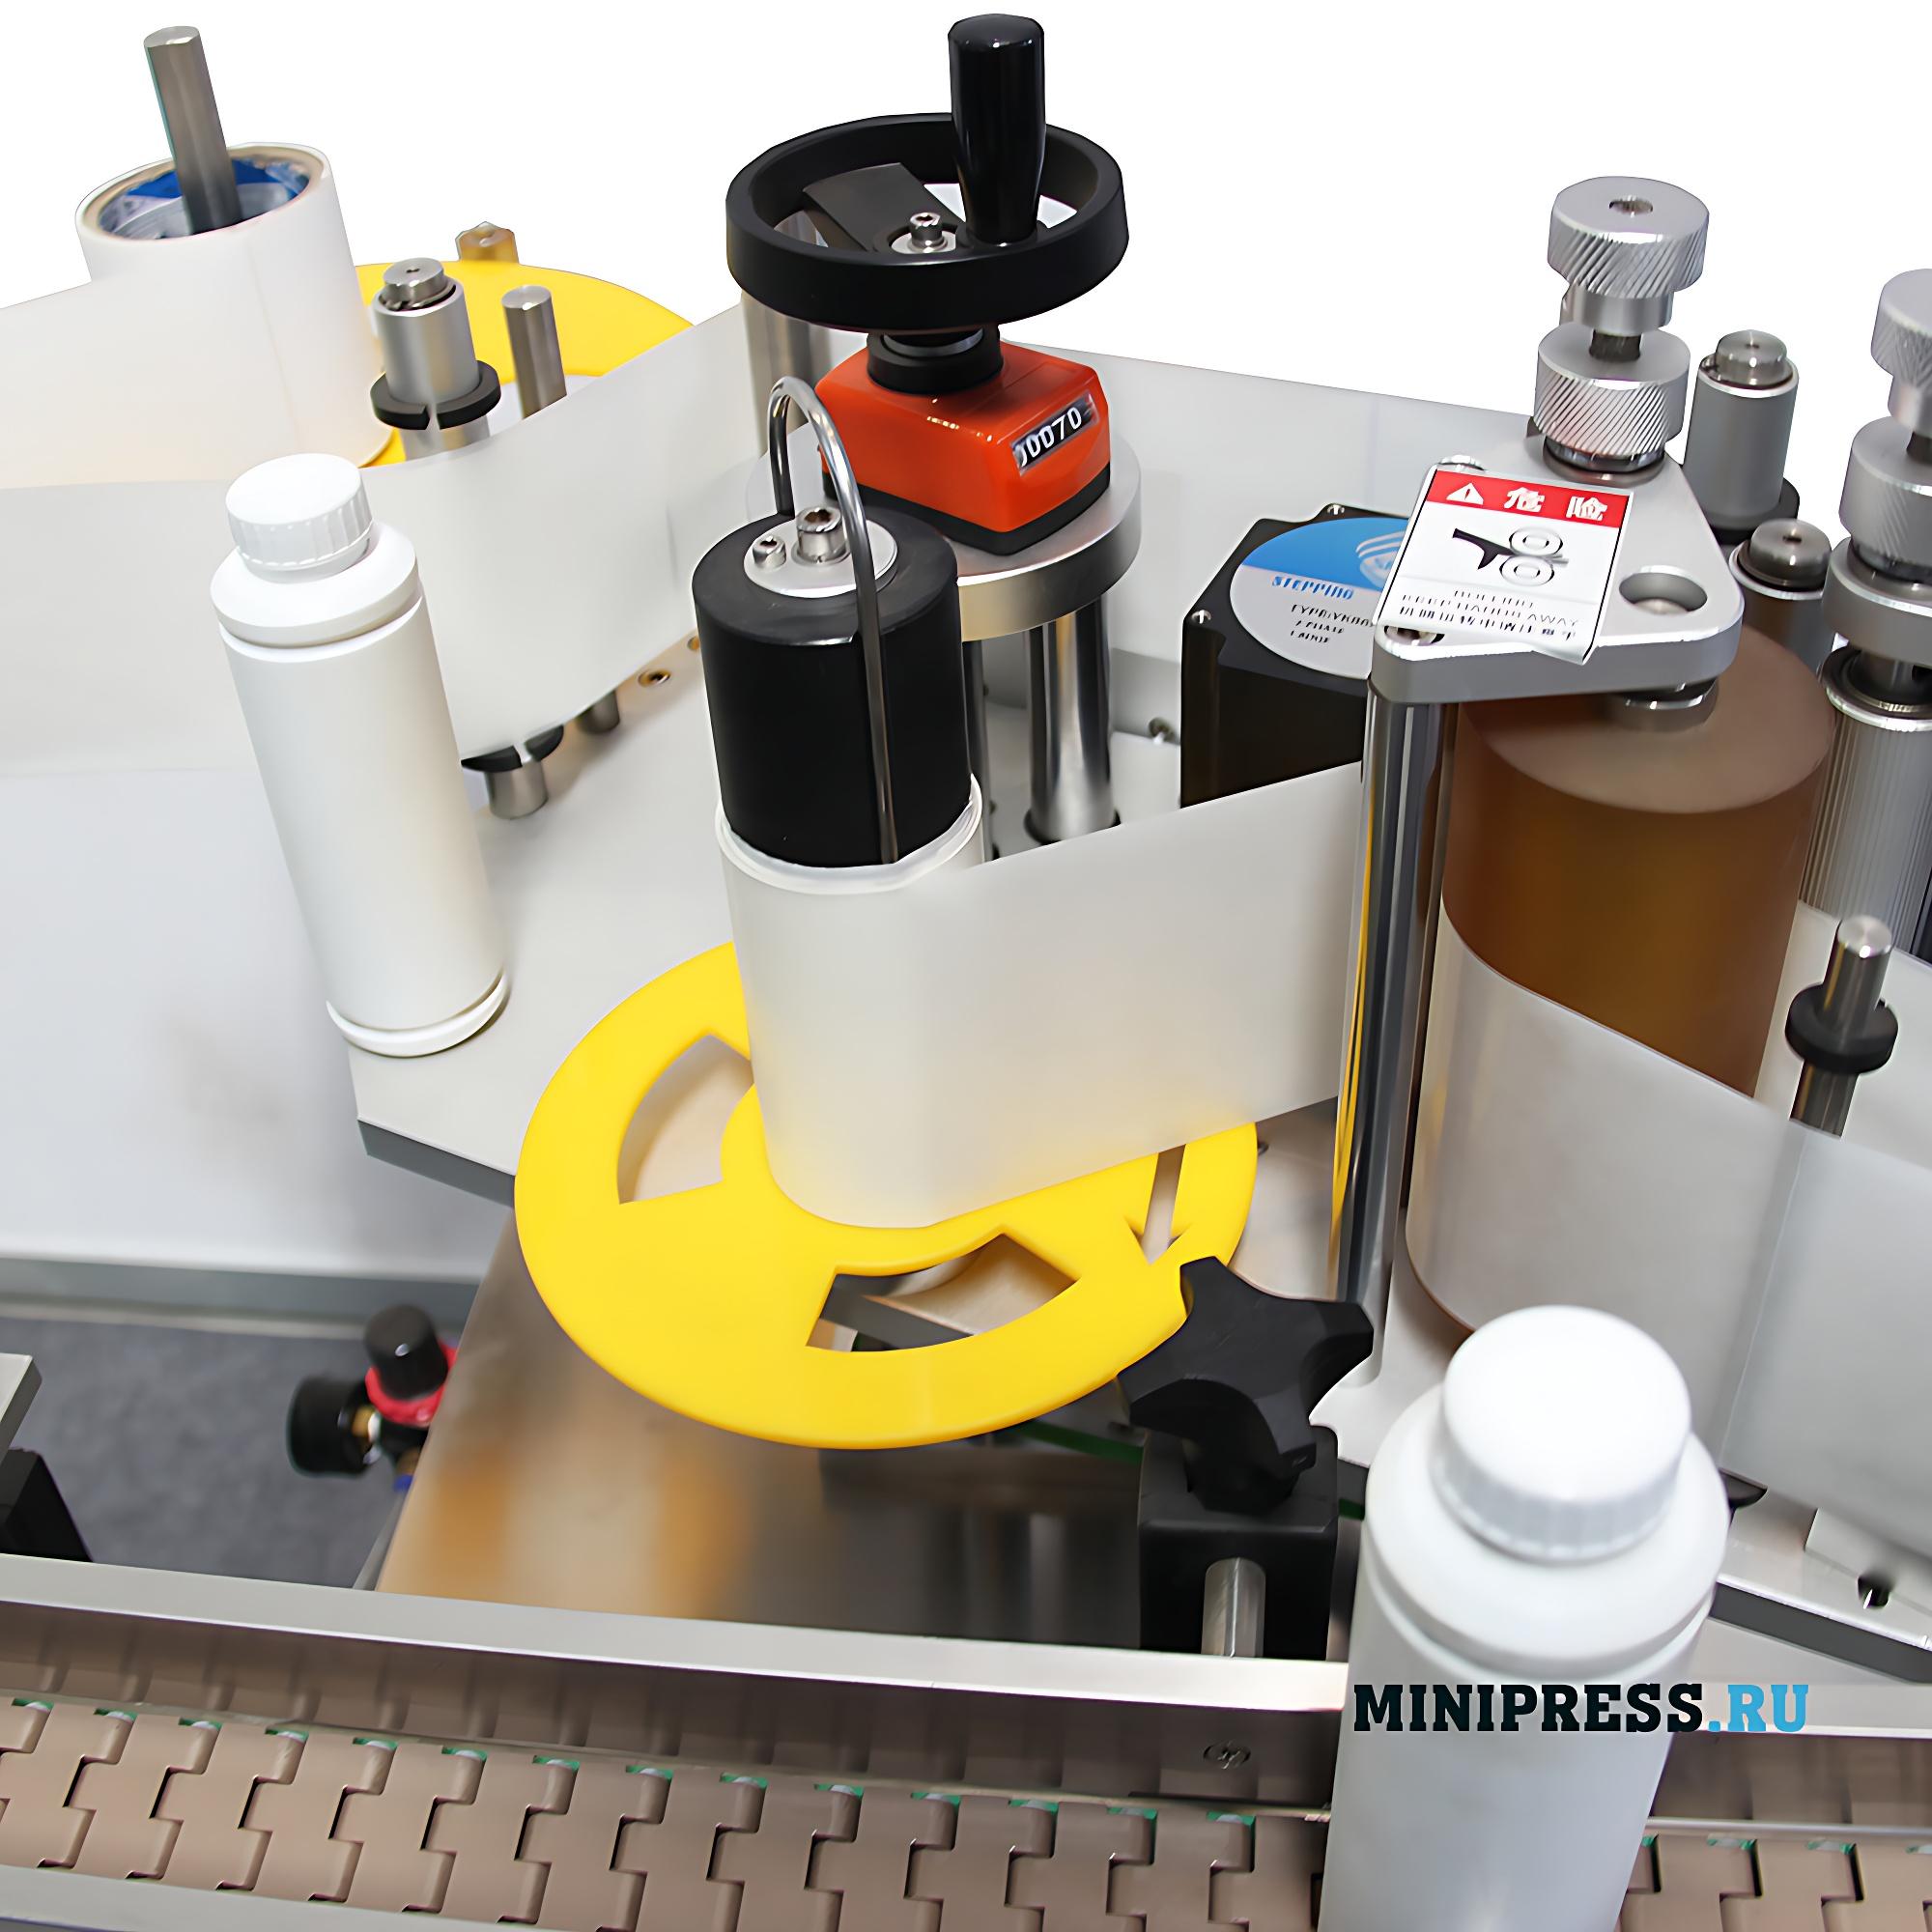 Этикетировочная машина для одностороннего или двухстороннего этикетирования стеклянных и пластиковых бутылок